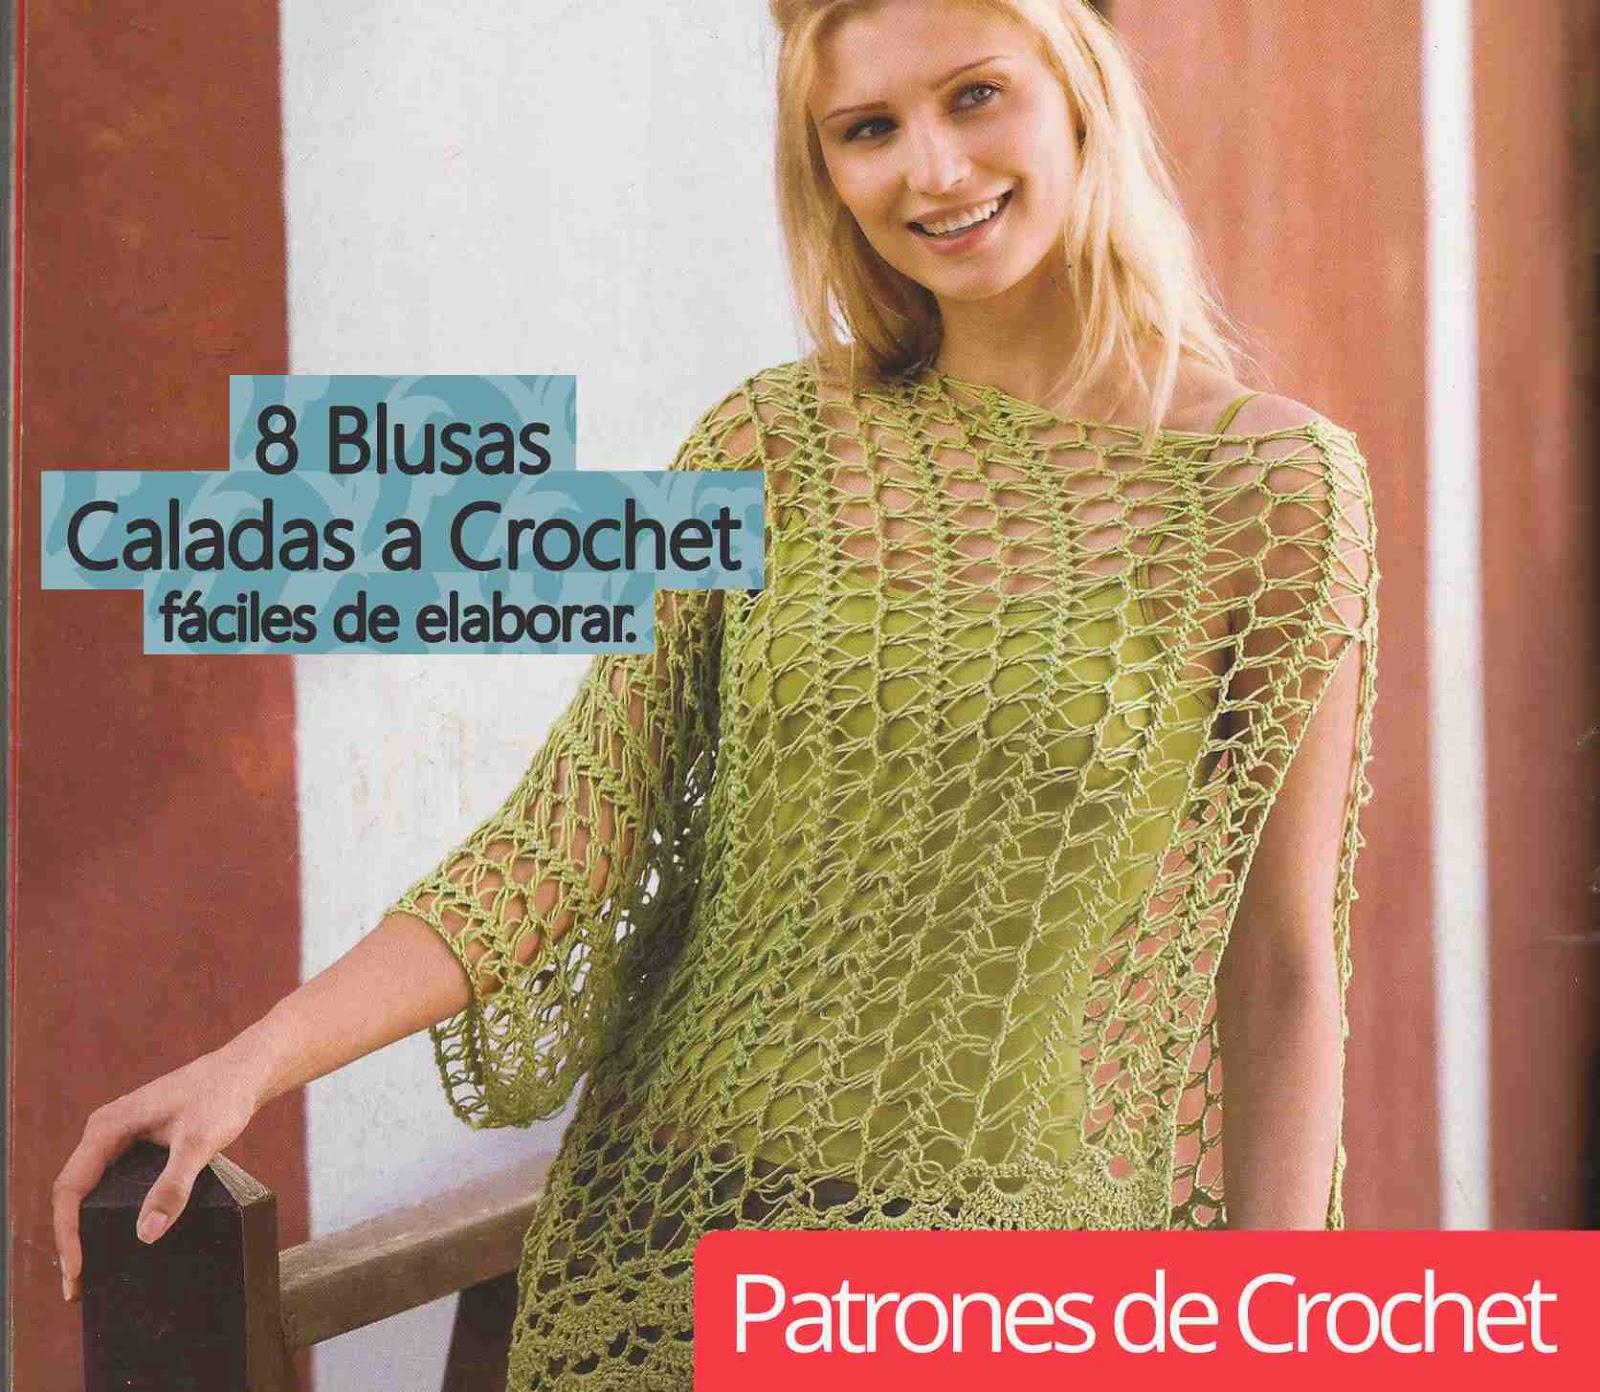 Blusas Caladas a Crochet fáciles de elaborar ~ CTejidas [Crochet y